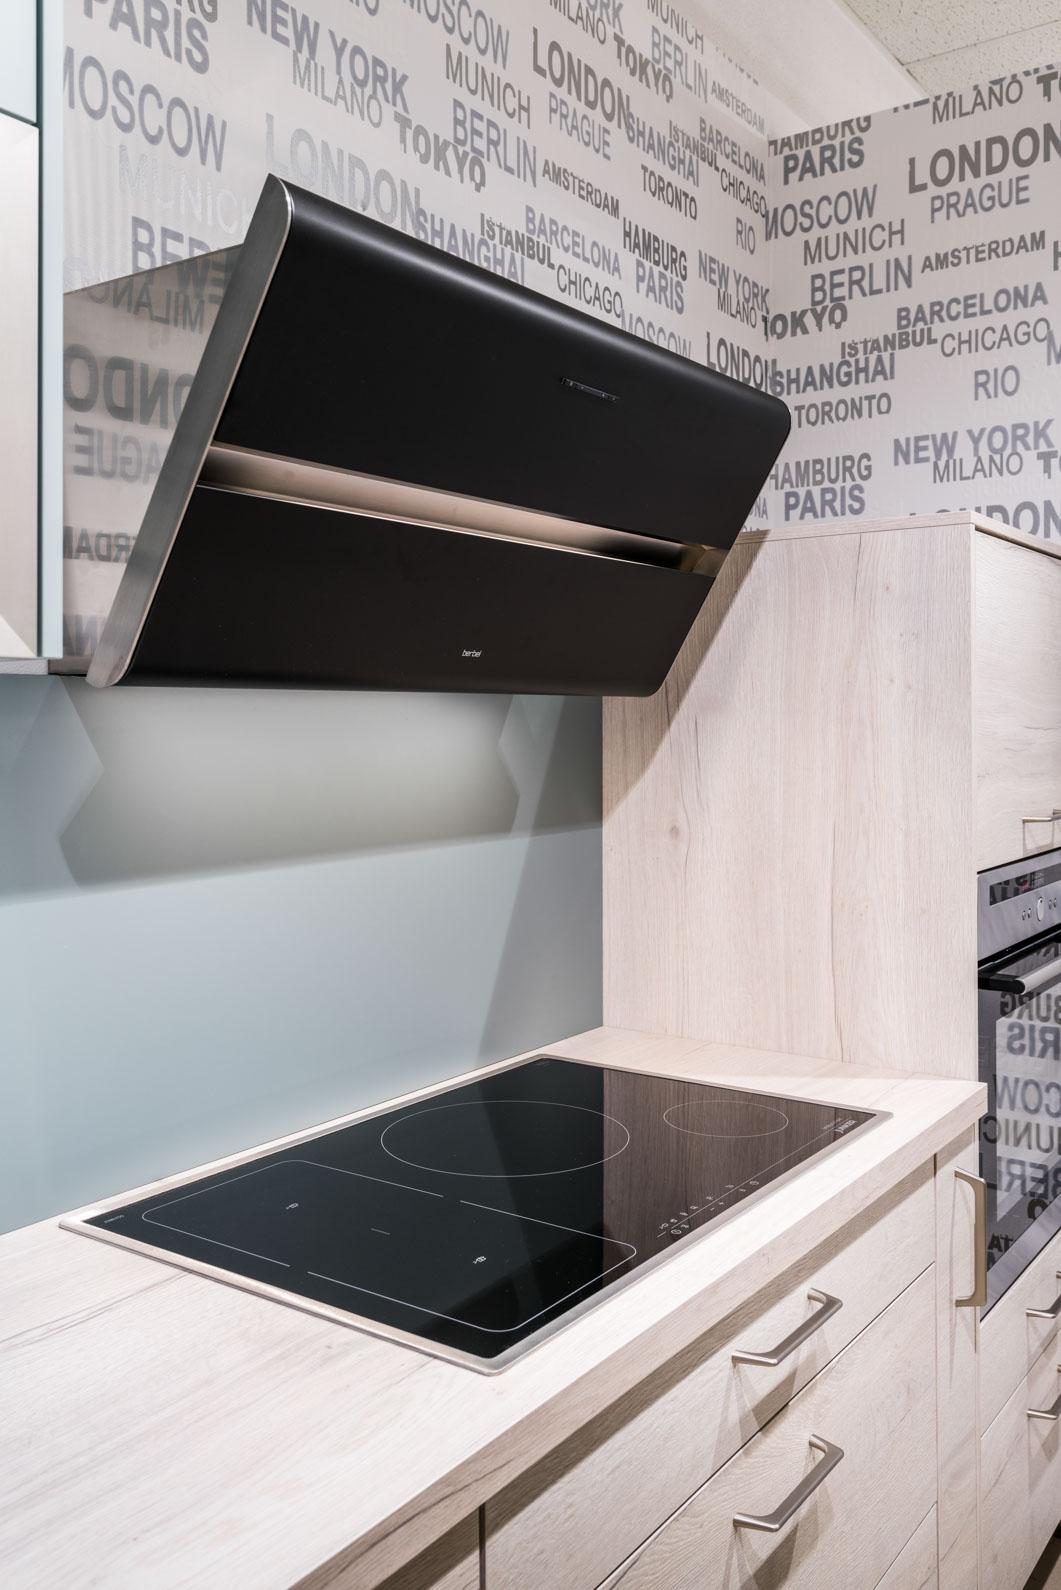 Weisser Küchenstudio Showroom Herd mit Dunstabzugshaube